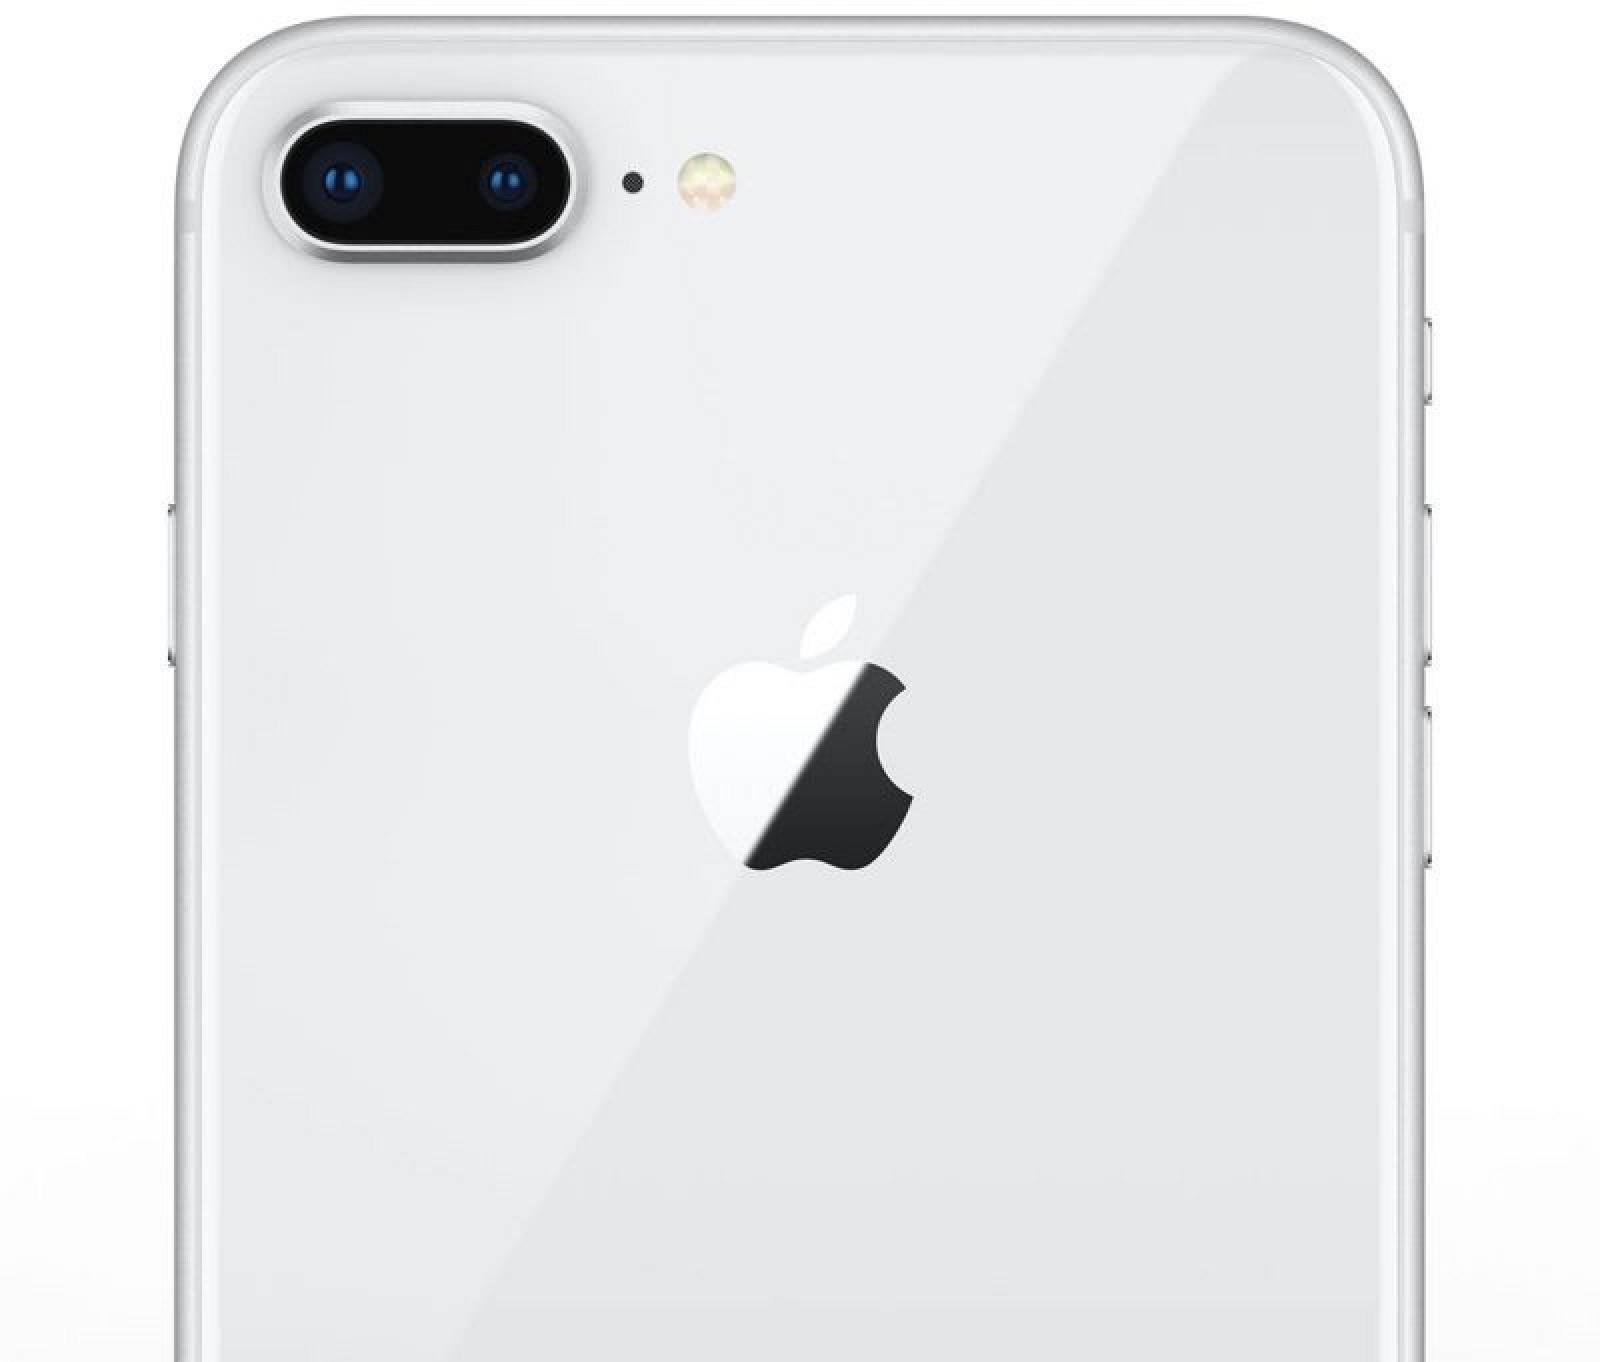 1505289326 12 - گالری عکس: آیفون 8 جدیدترین پرچمدار اپل